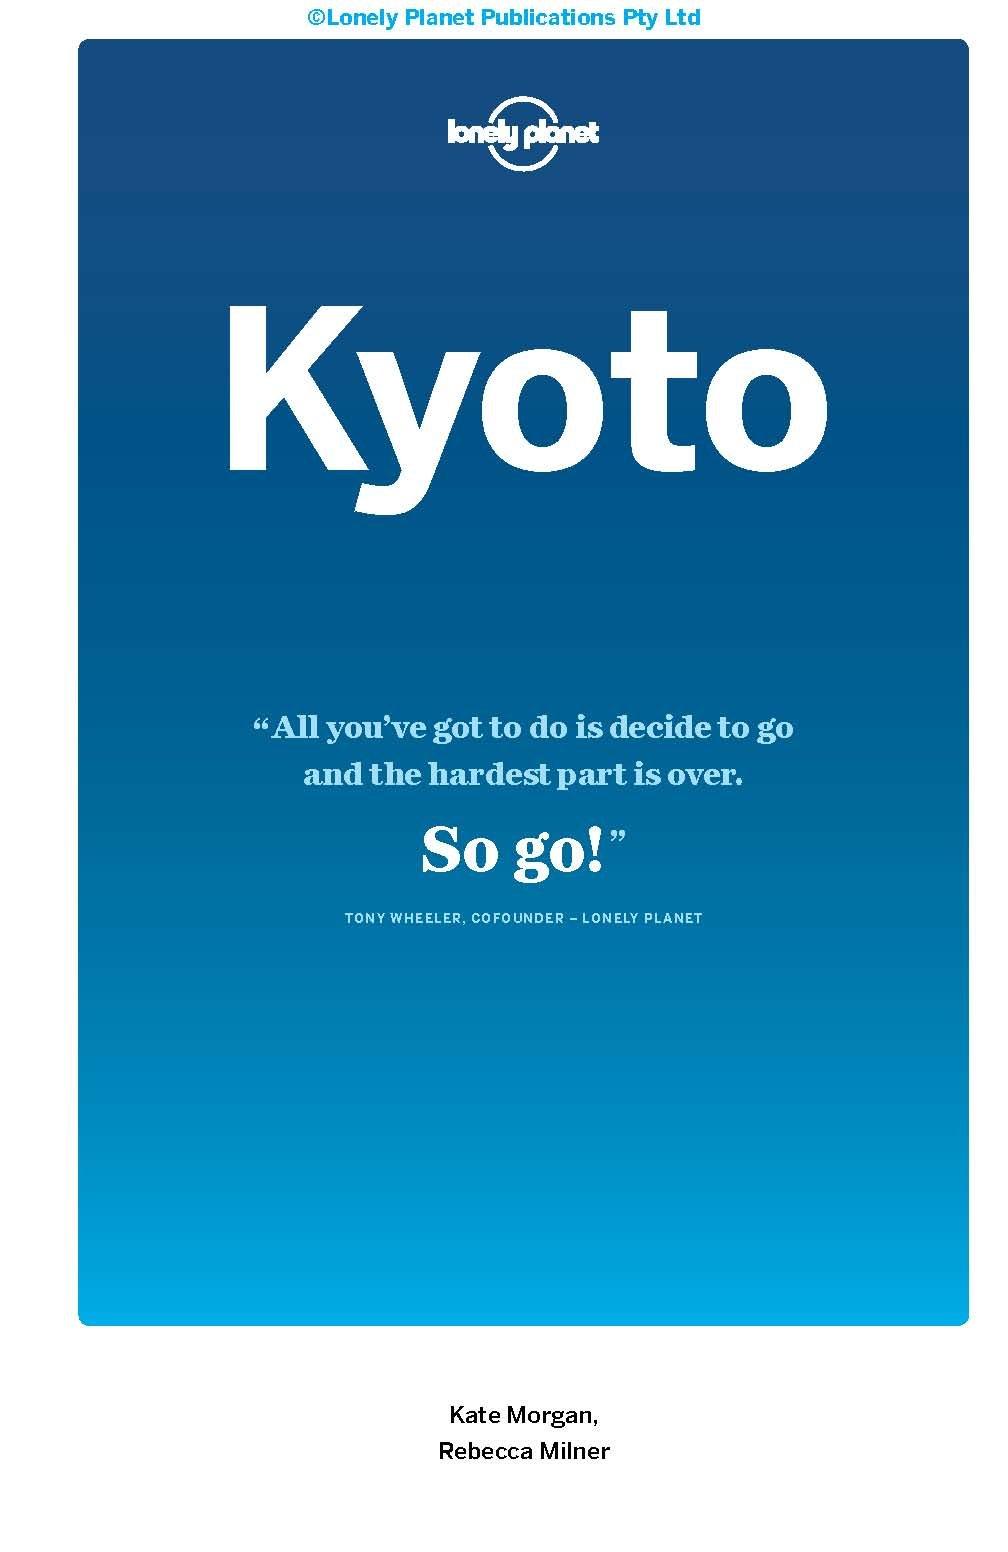 Lonely Planet Kyoto (Travel Guide): Amazon.es: Lonely Planet, Kate Morgan, Rebecca Milner: Libros en idiomas extranjeros